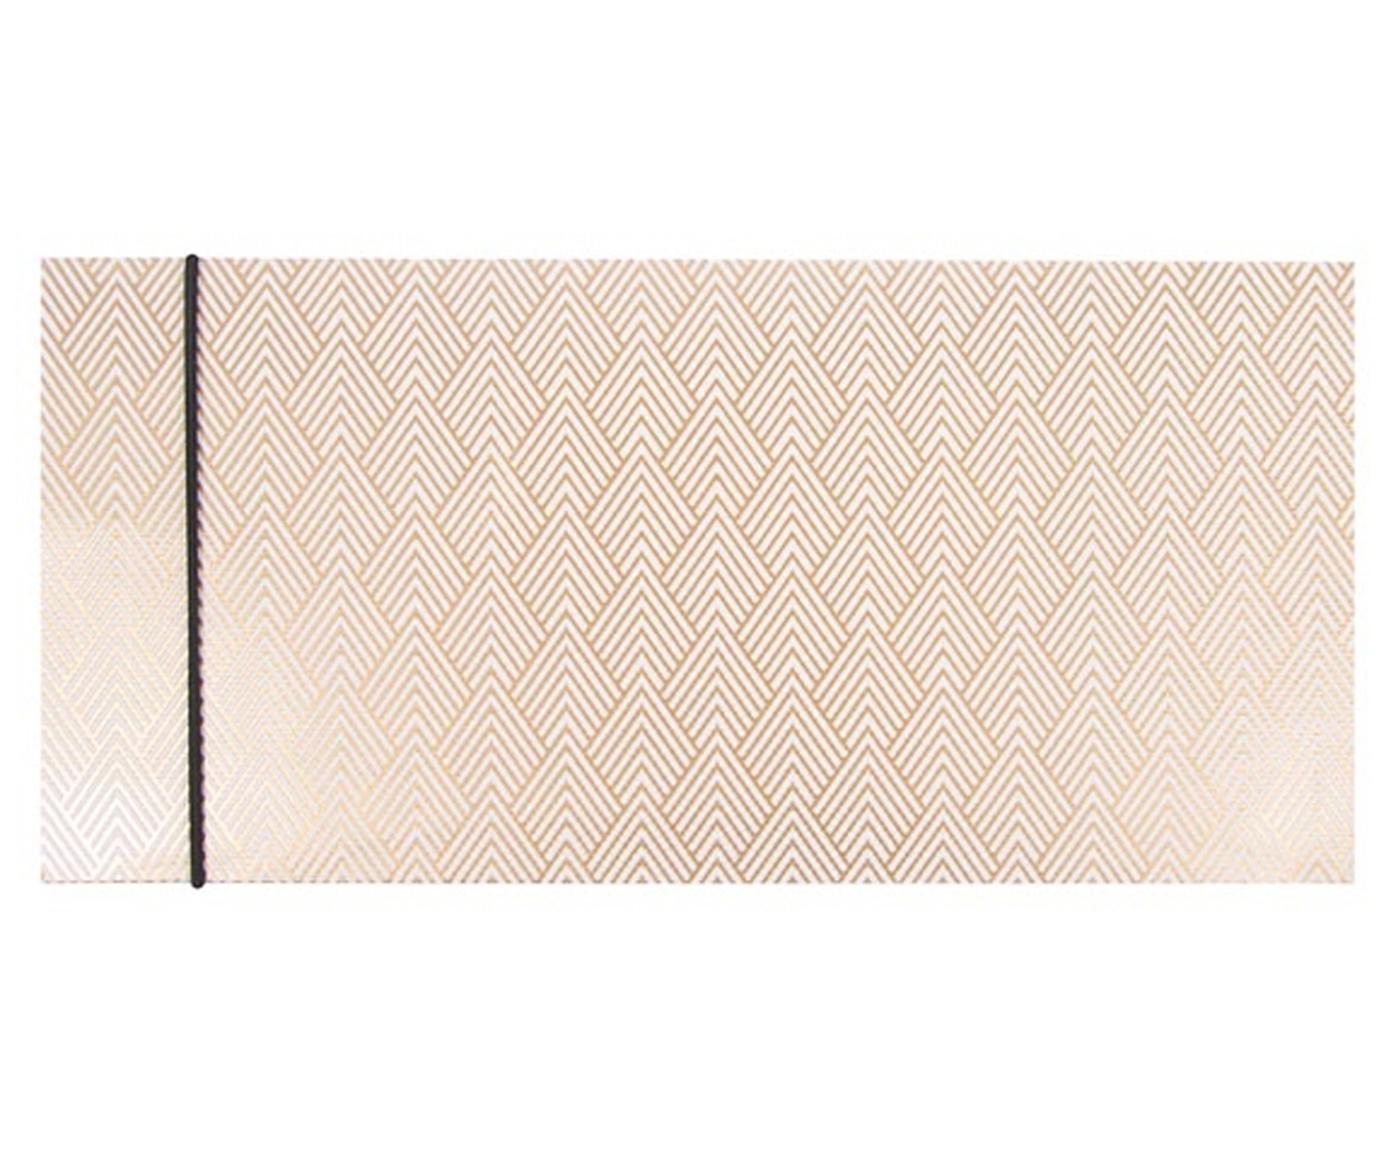 Koperta na prezent Diamonds, 2 szt., Papier, Odcienie złotego, biały, S 23 x W 11 cm